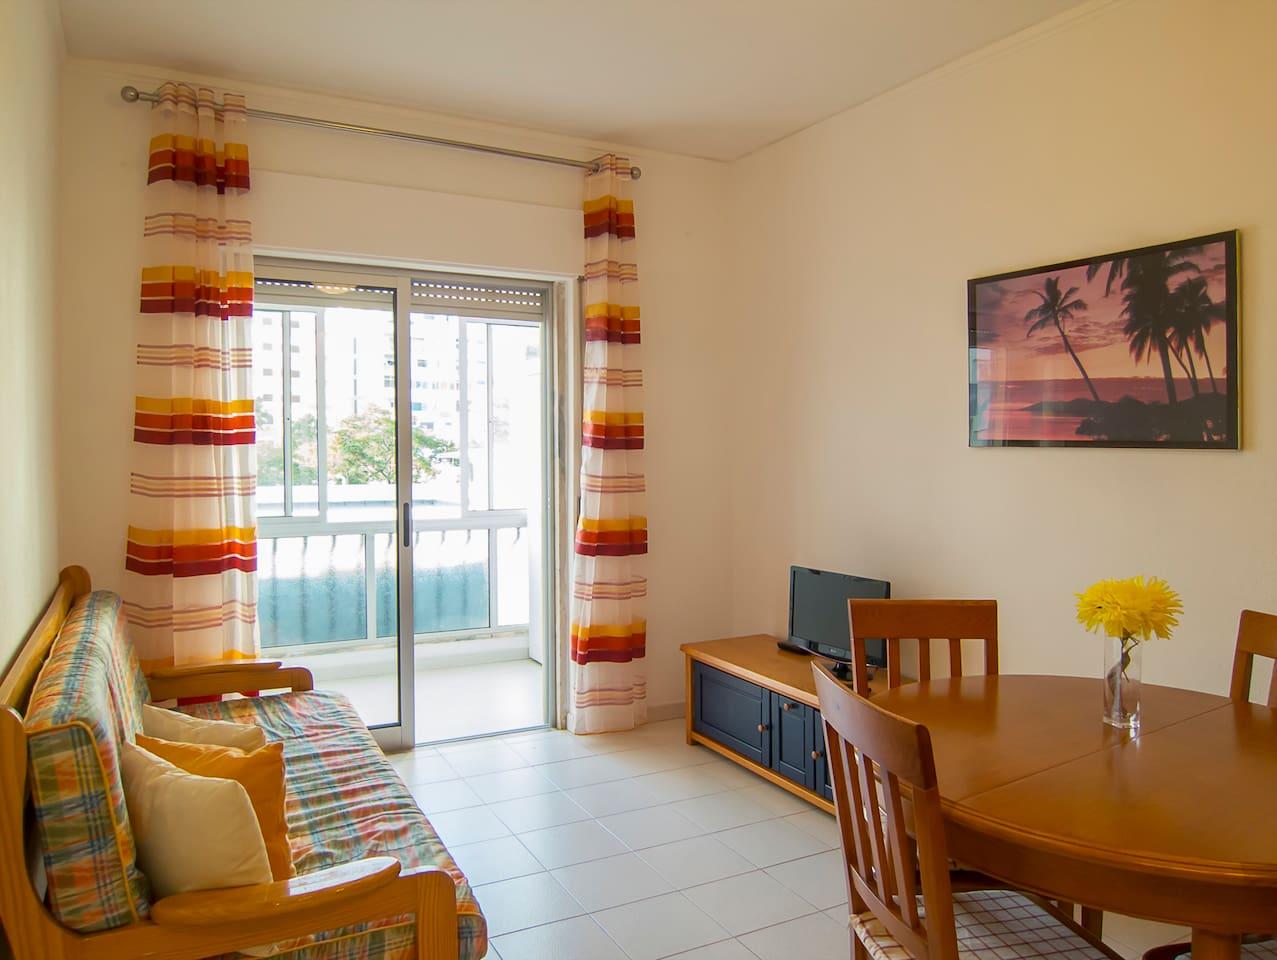 Sala de estar com sofá-cama duplo | Living room with double sofa-bed | Sala de estar con sofá-cama doble | Salon avec canapé-lit double | Wohnzimmer mit Doppelschlafcouch